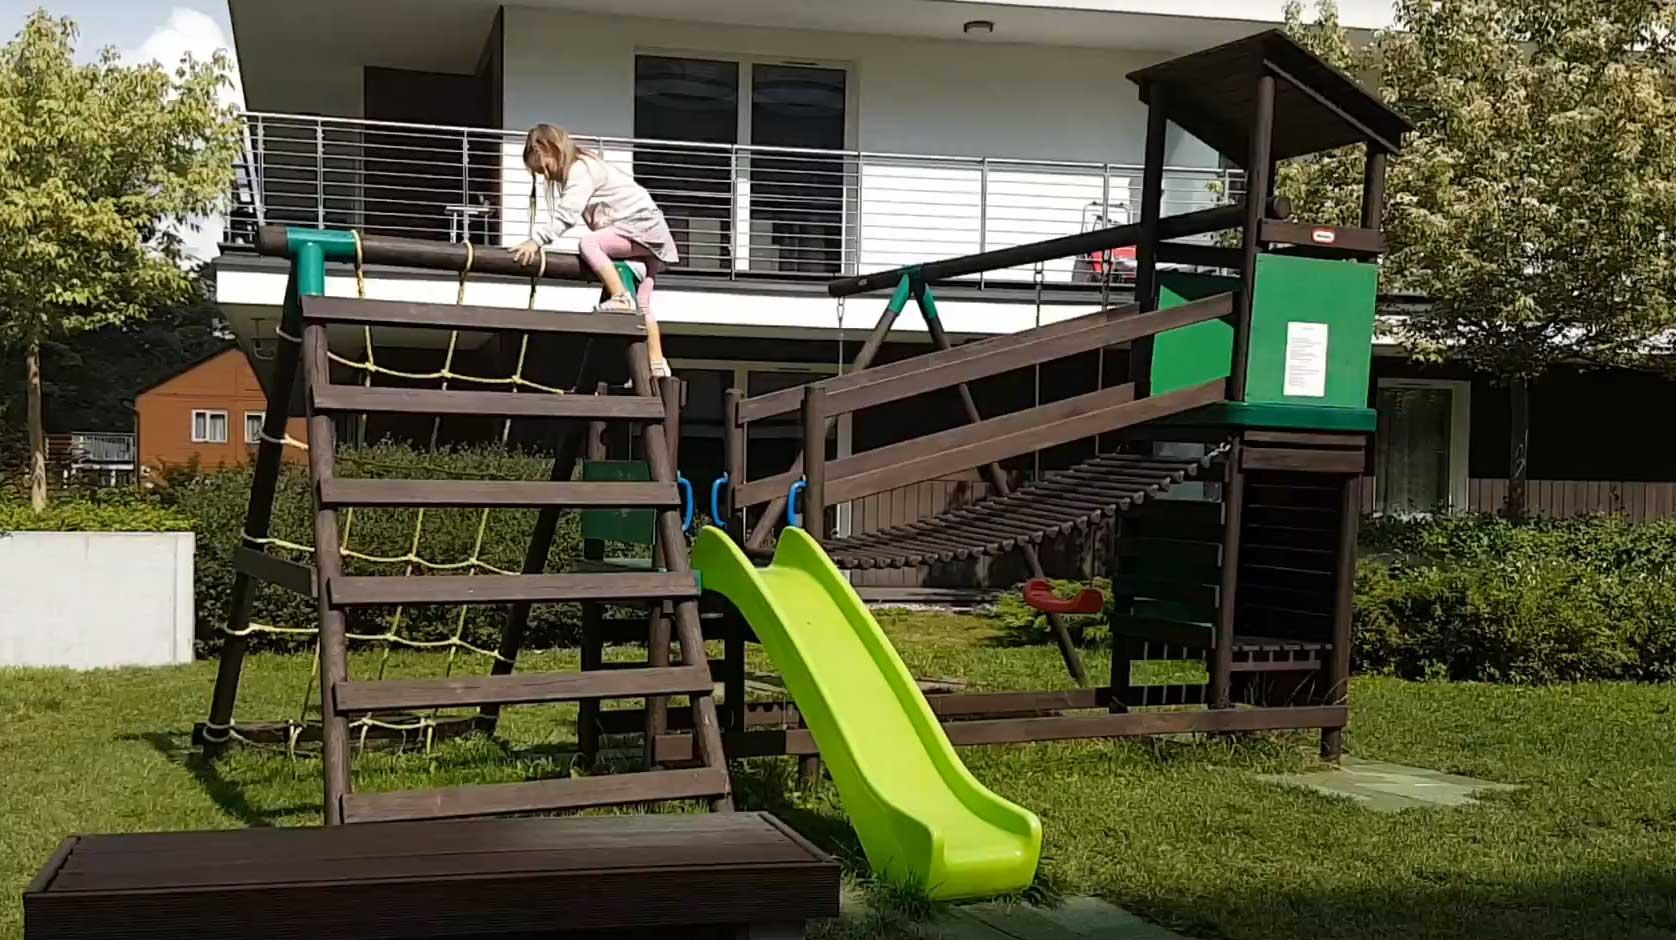 Full Size of Spielhaus Günstig Spielturm Test 2020 Vergleich Der Besten Spieltrme Günstige Betten Sofa Kaufen Bett 140x200 Schlafzimmer Set Garten 180x200 Fenster Wohnzimmer Spielhaus Günstig